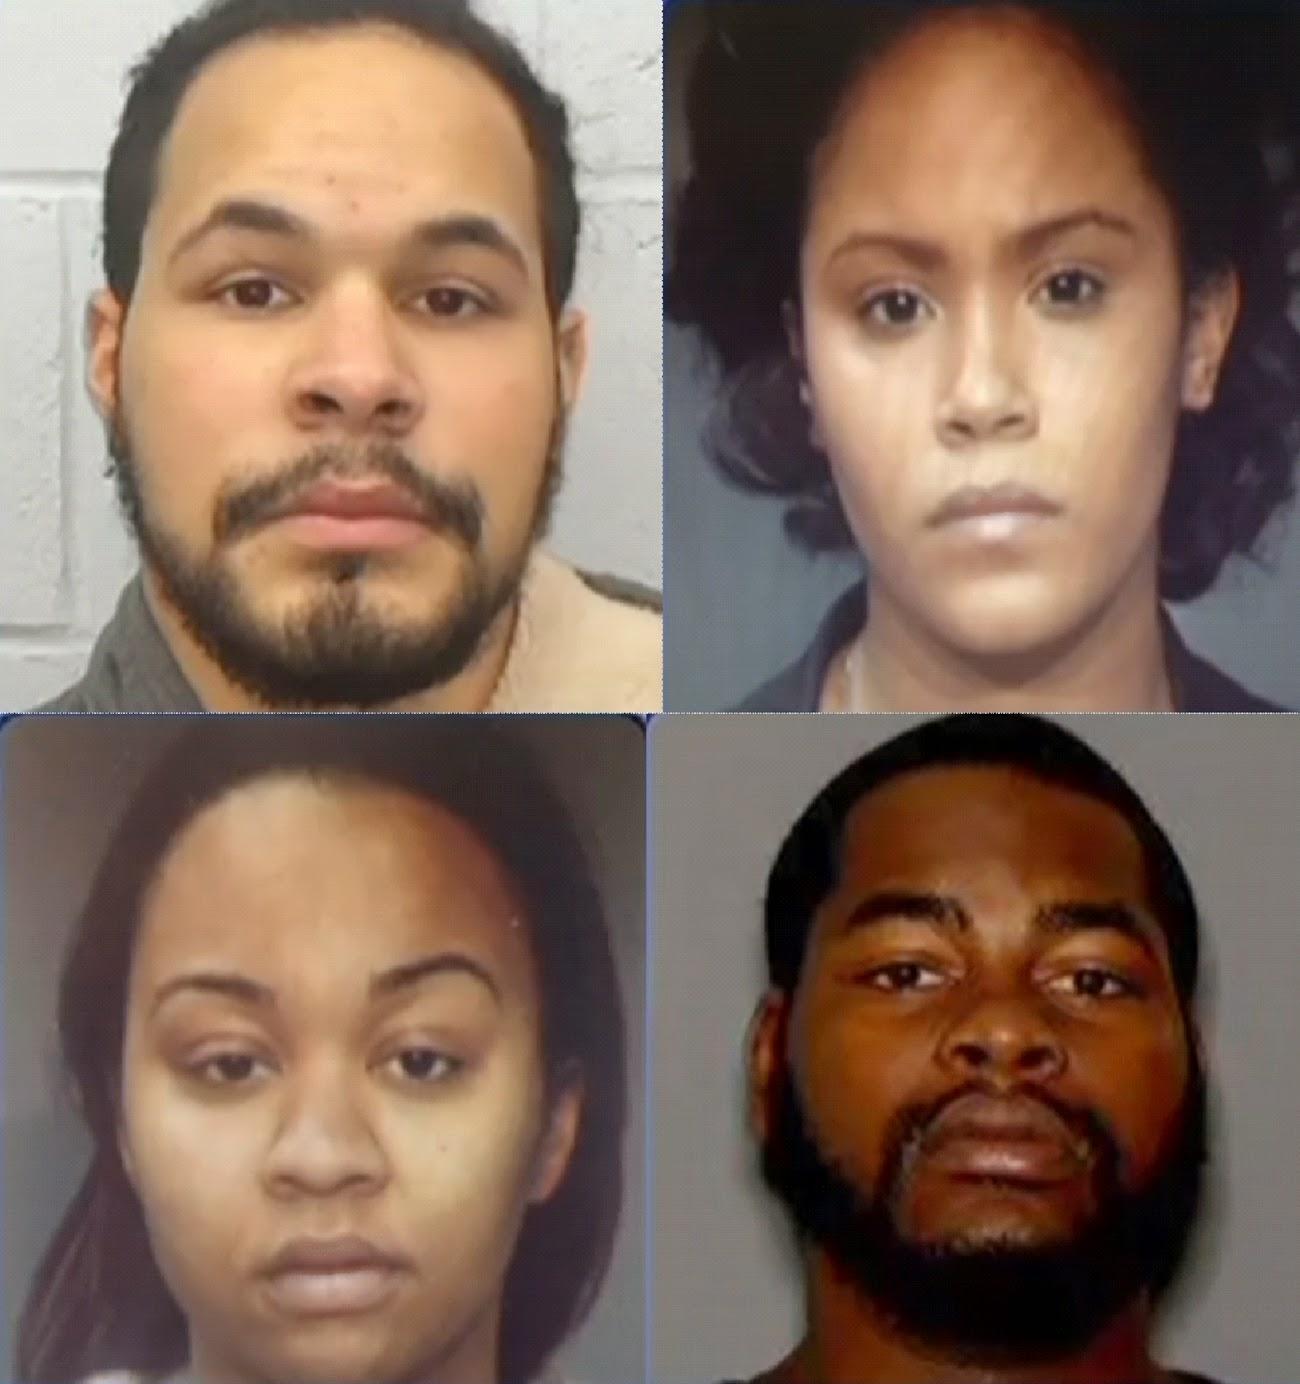 Un dominicano acusado de secuestrar y asesinar  un hombre durante  atraco en New Jersey